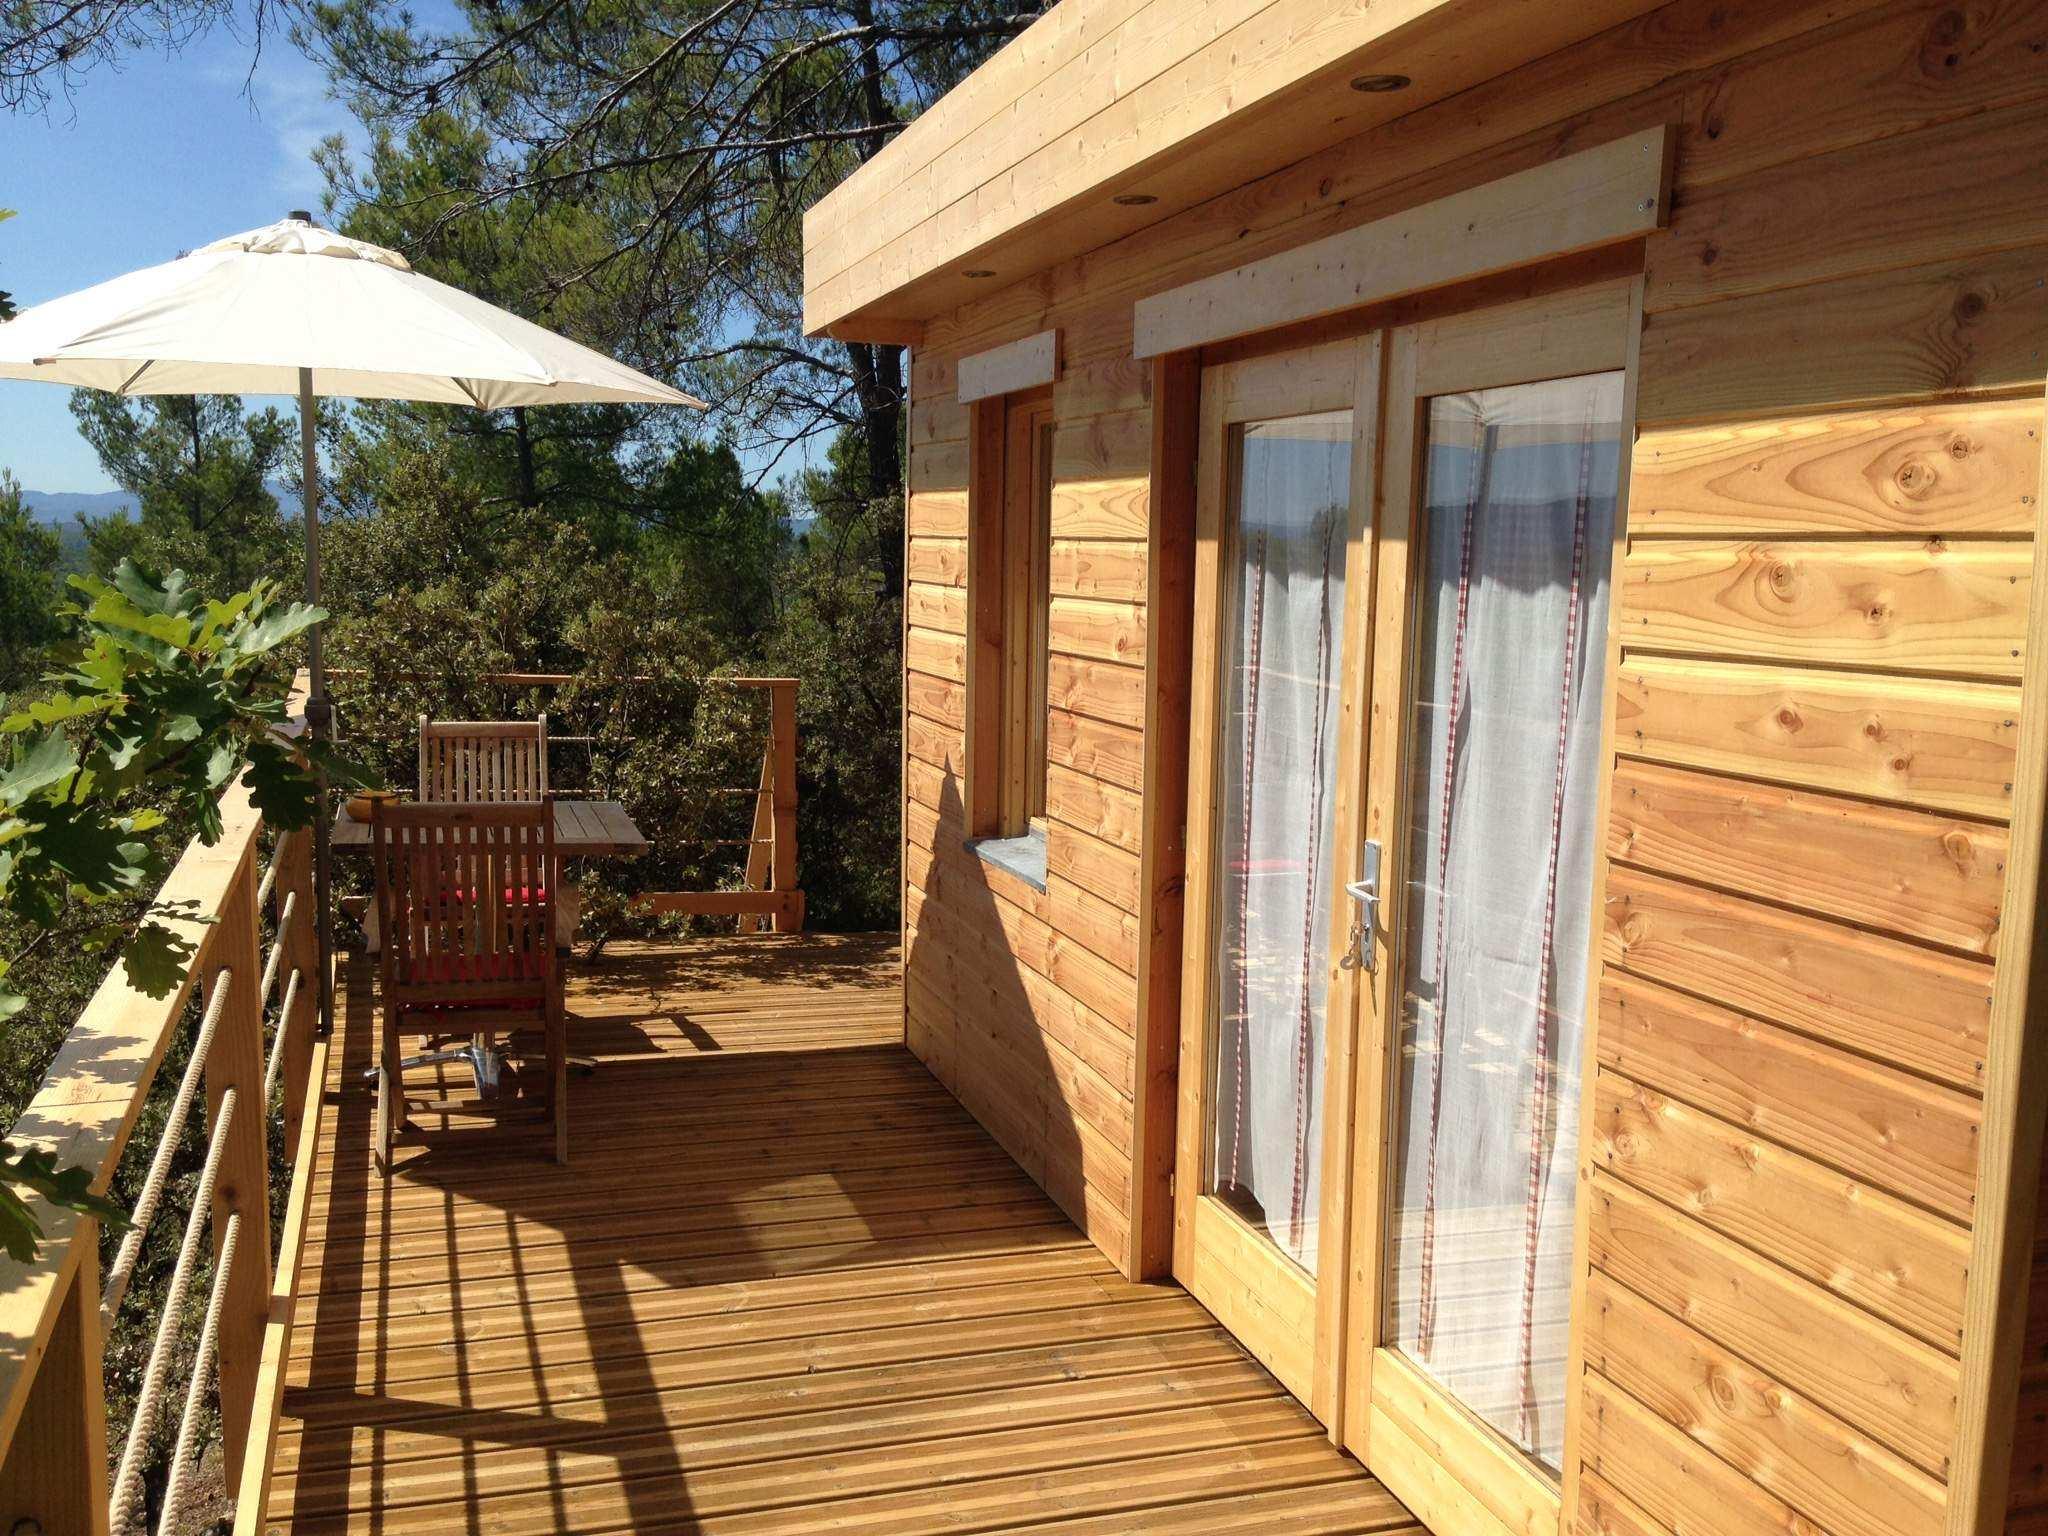 cabane dans les arbres cabane des k 39 hauts pins autre en provence alpes c te d 39 azur cabanes. Black Bedroom Furniture Sets. Home Design Ideas